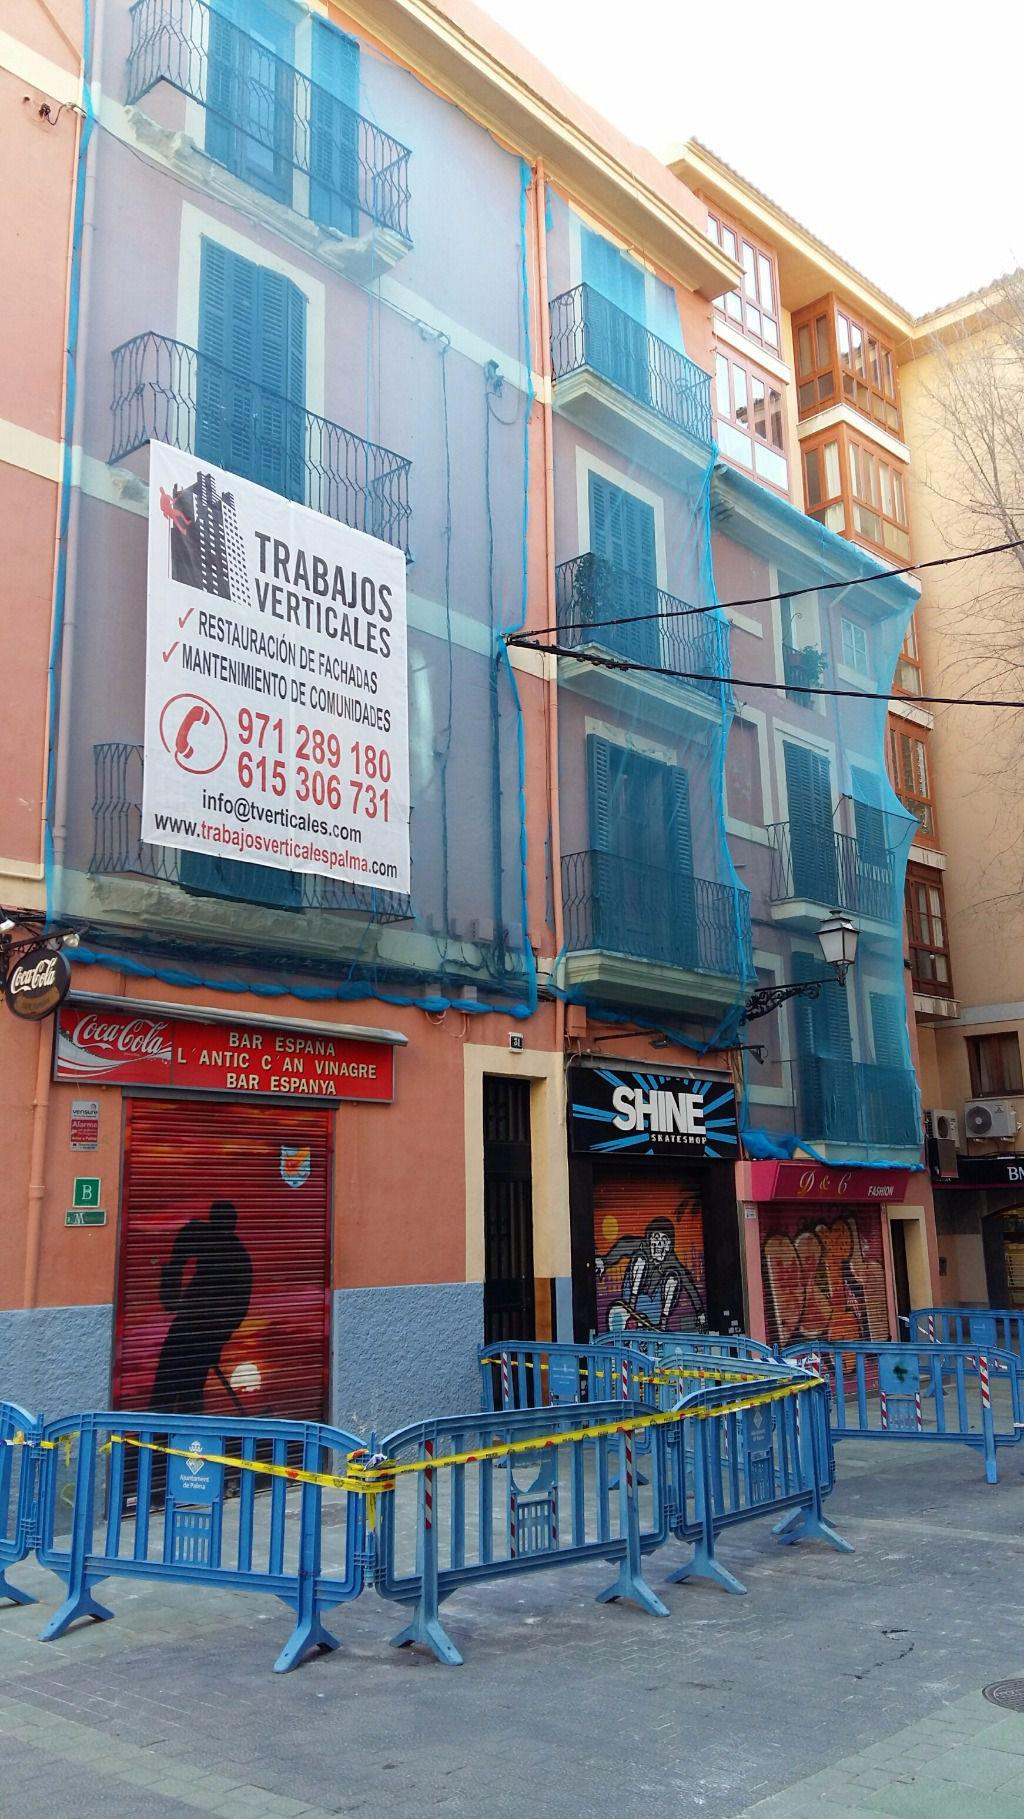 cort obliga a cerrar los locales del edificio afectado por el de balcones